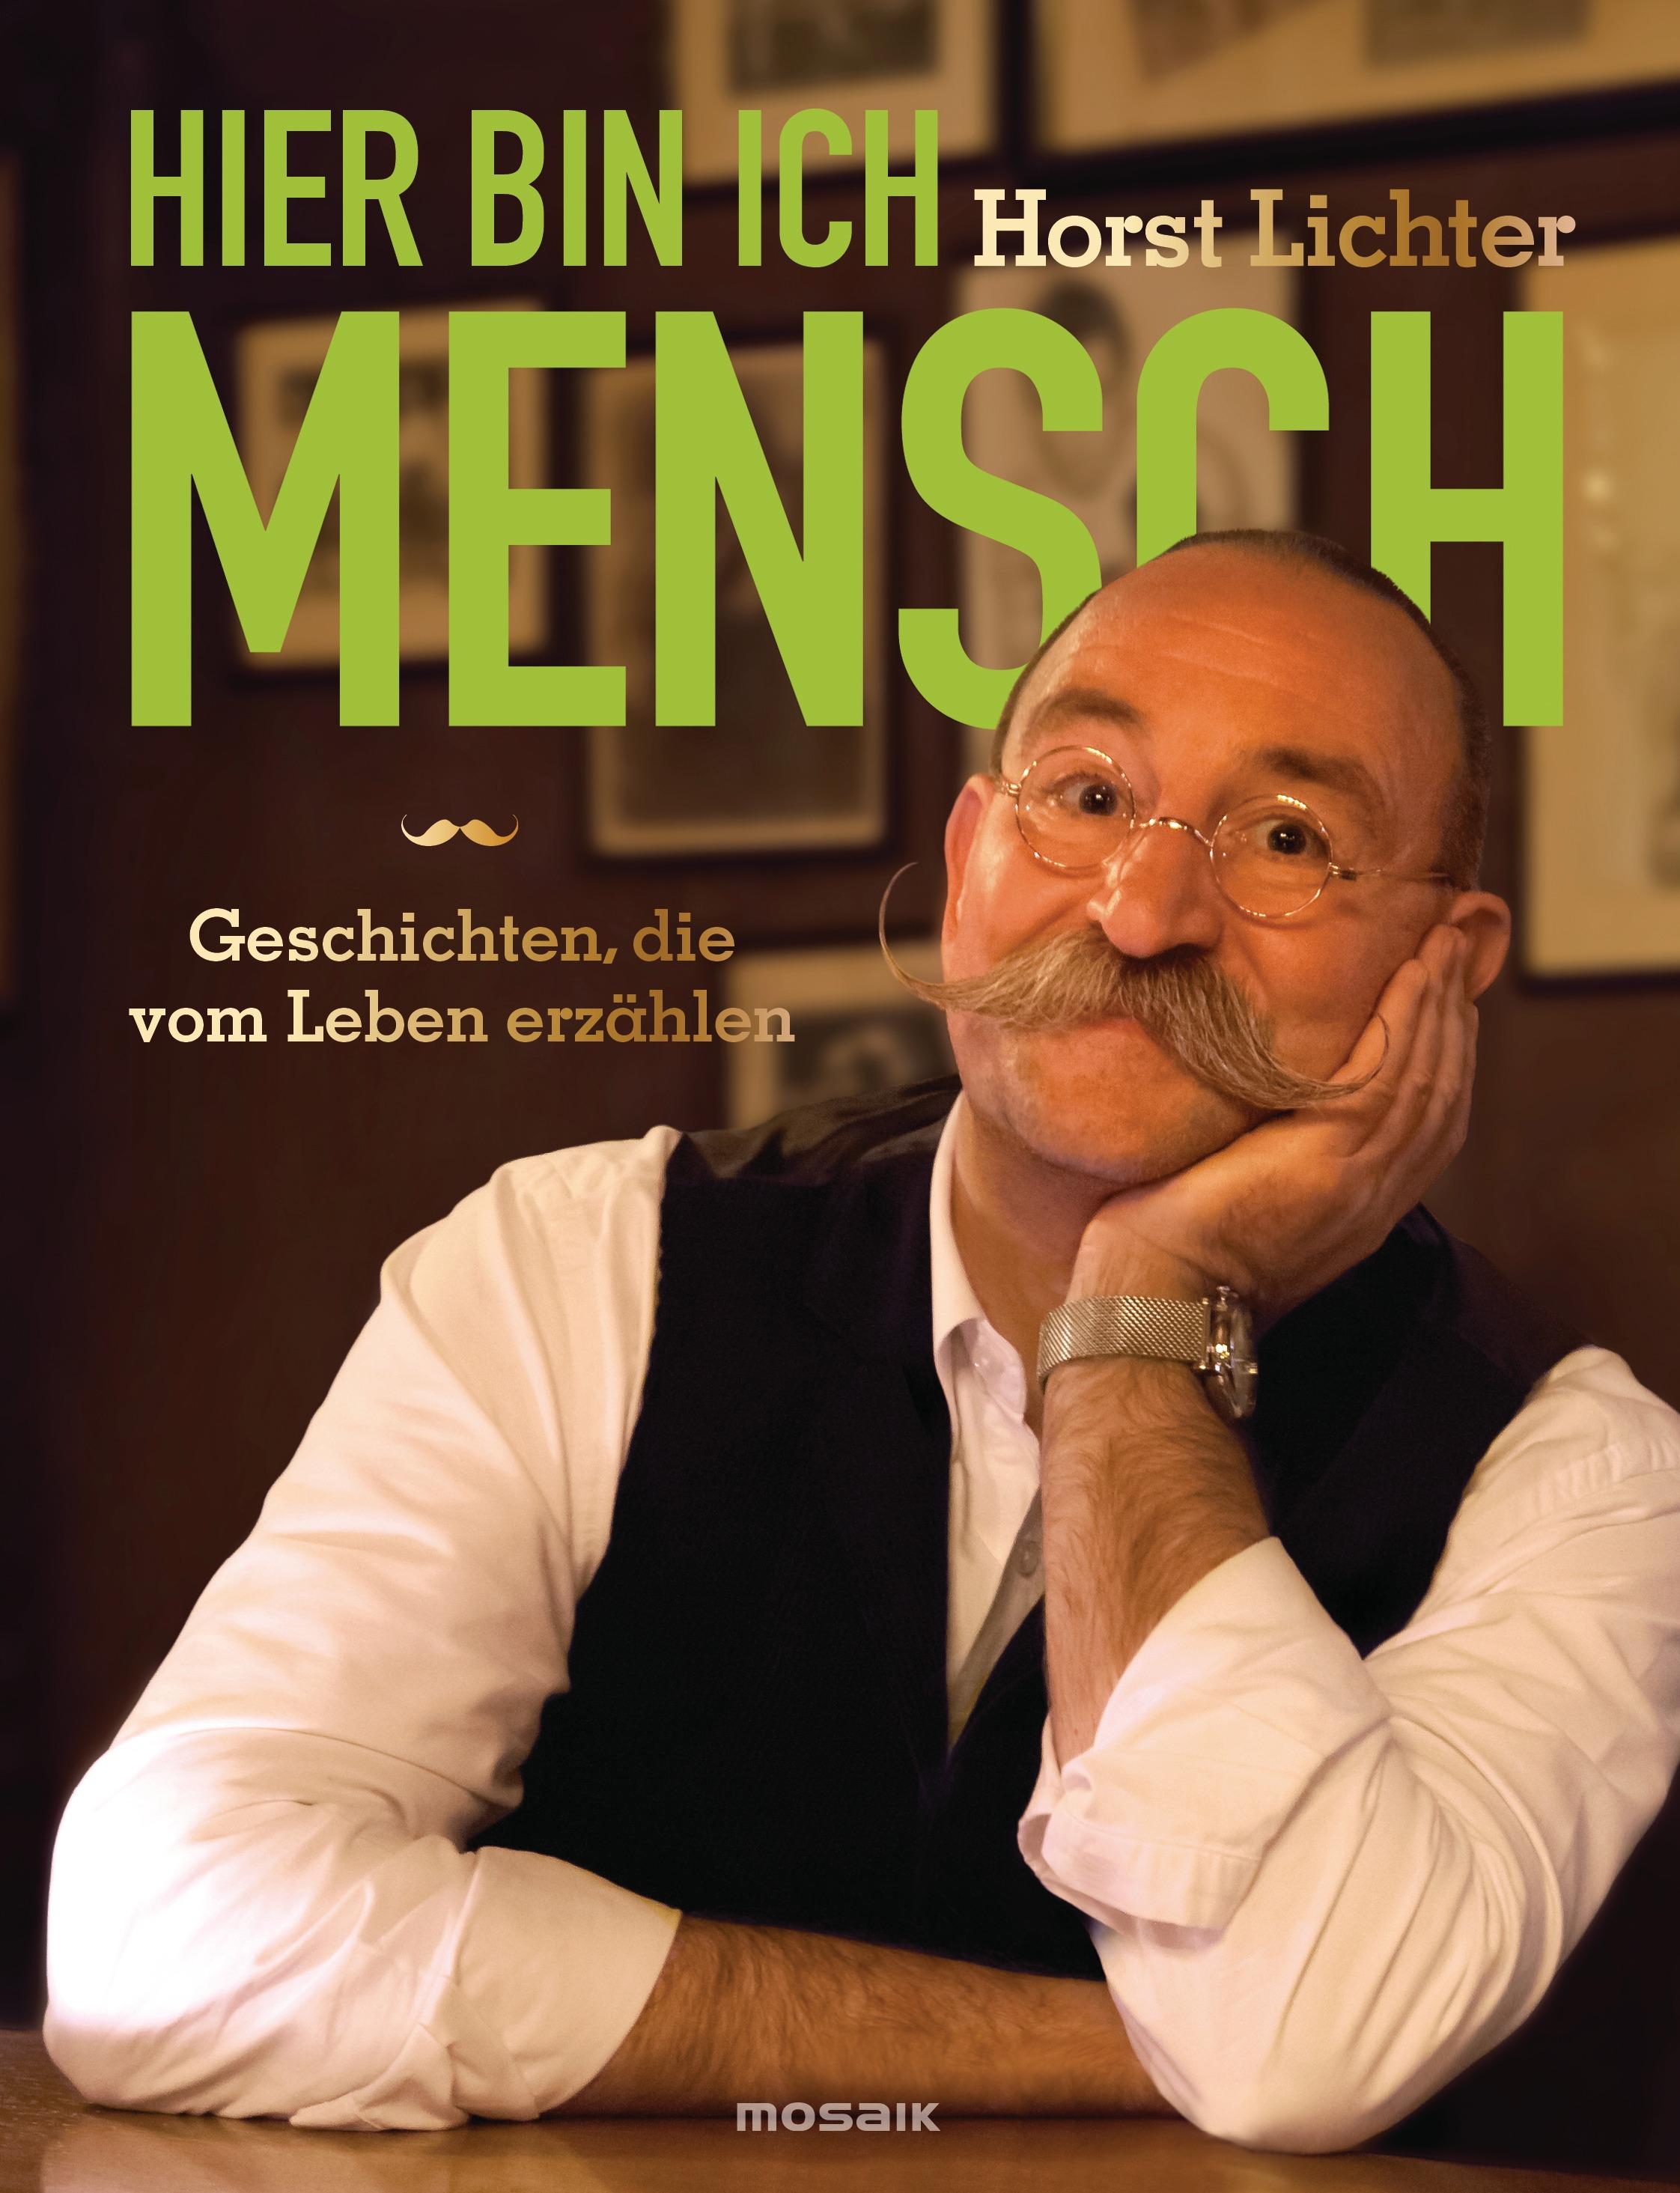 Hier bin ich Mensch: Geschichten, die vom Leben erzählen - Horst Lichter [Gebundene Ausgabe]